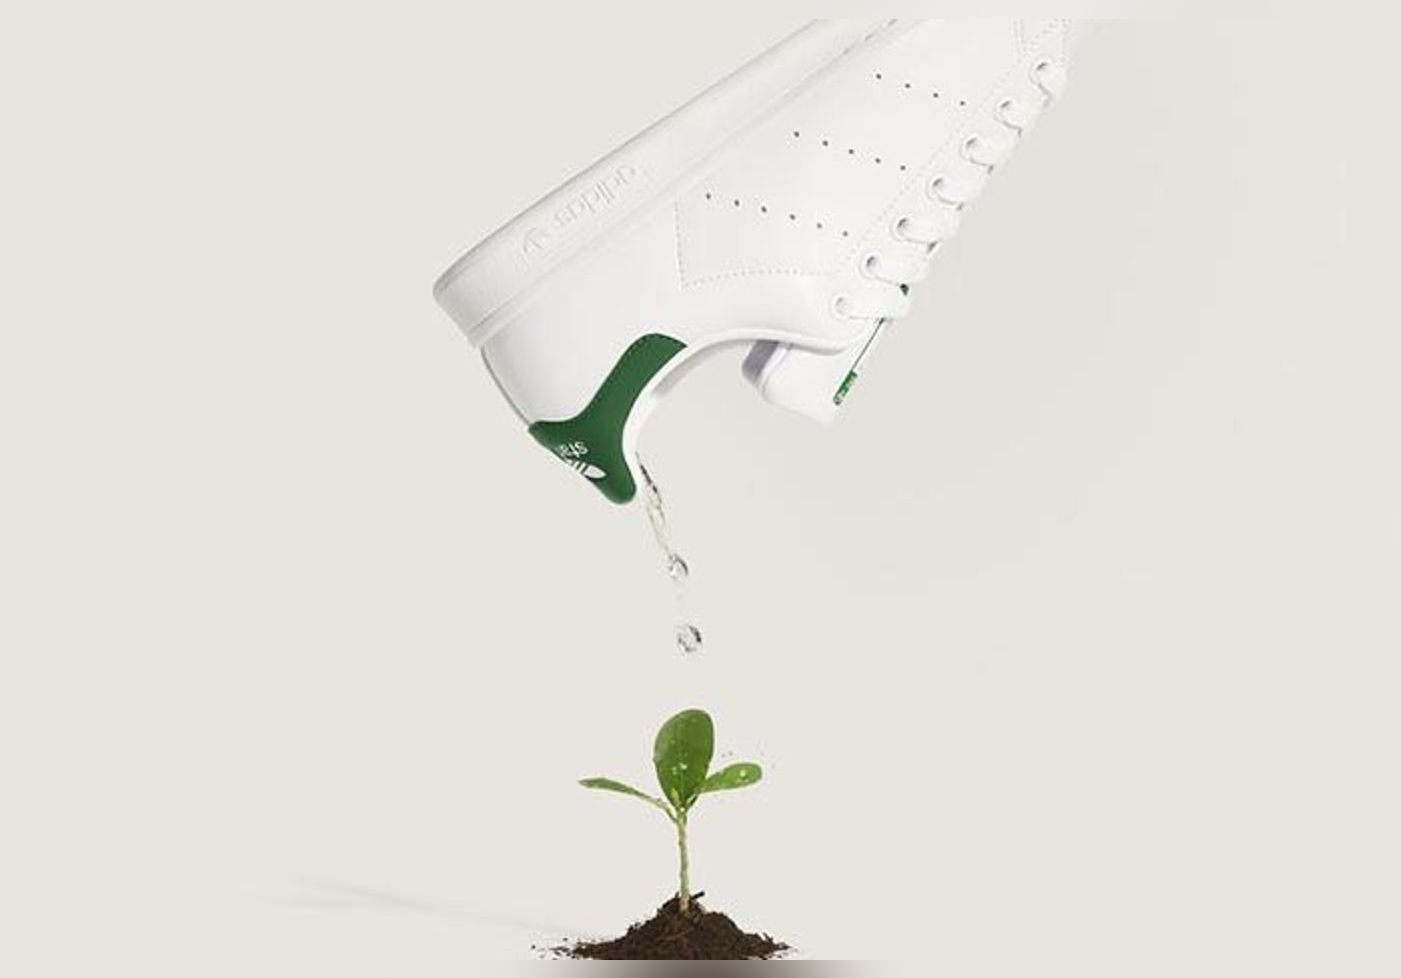 La mythique Stan Smith d'Adidas devient eco-friendly